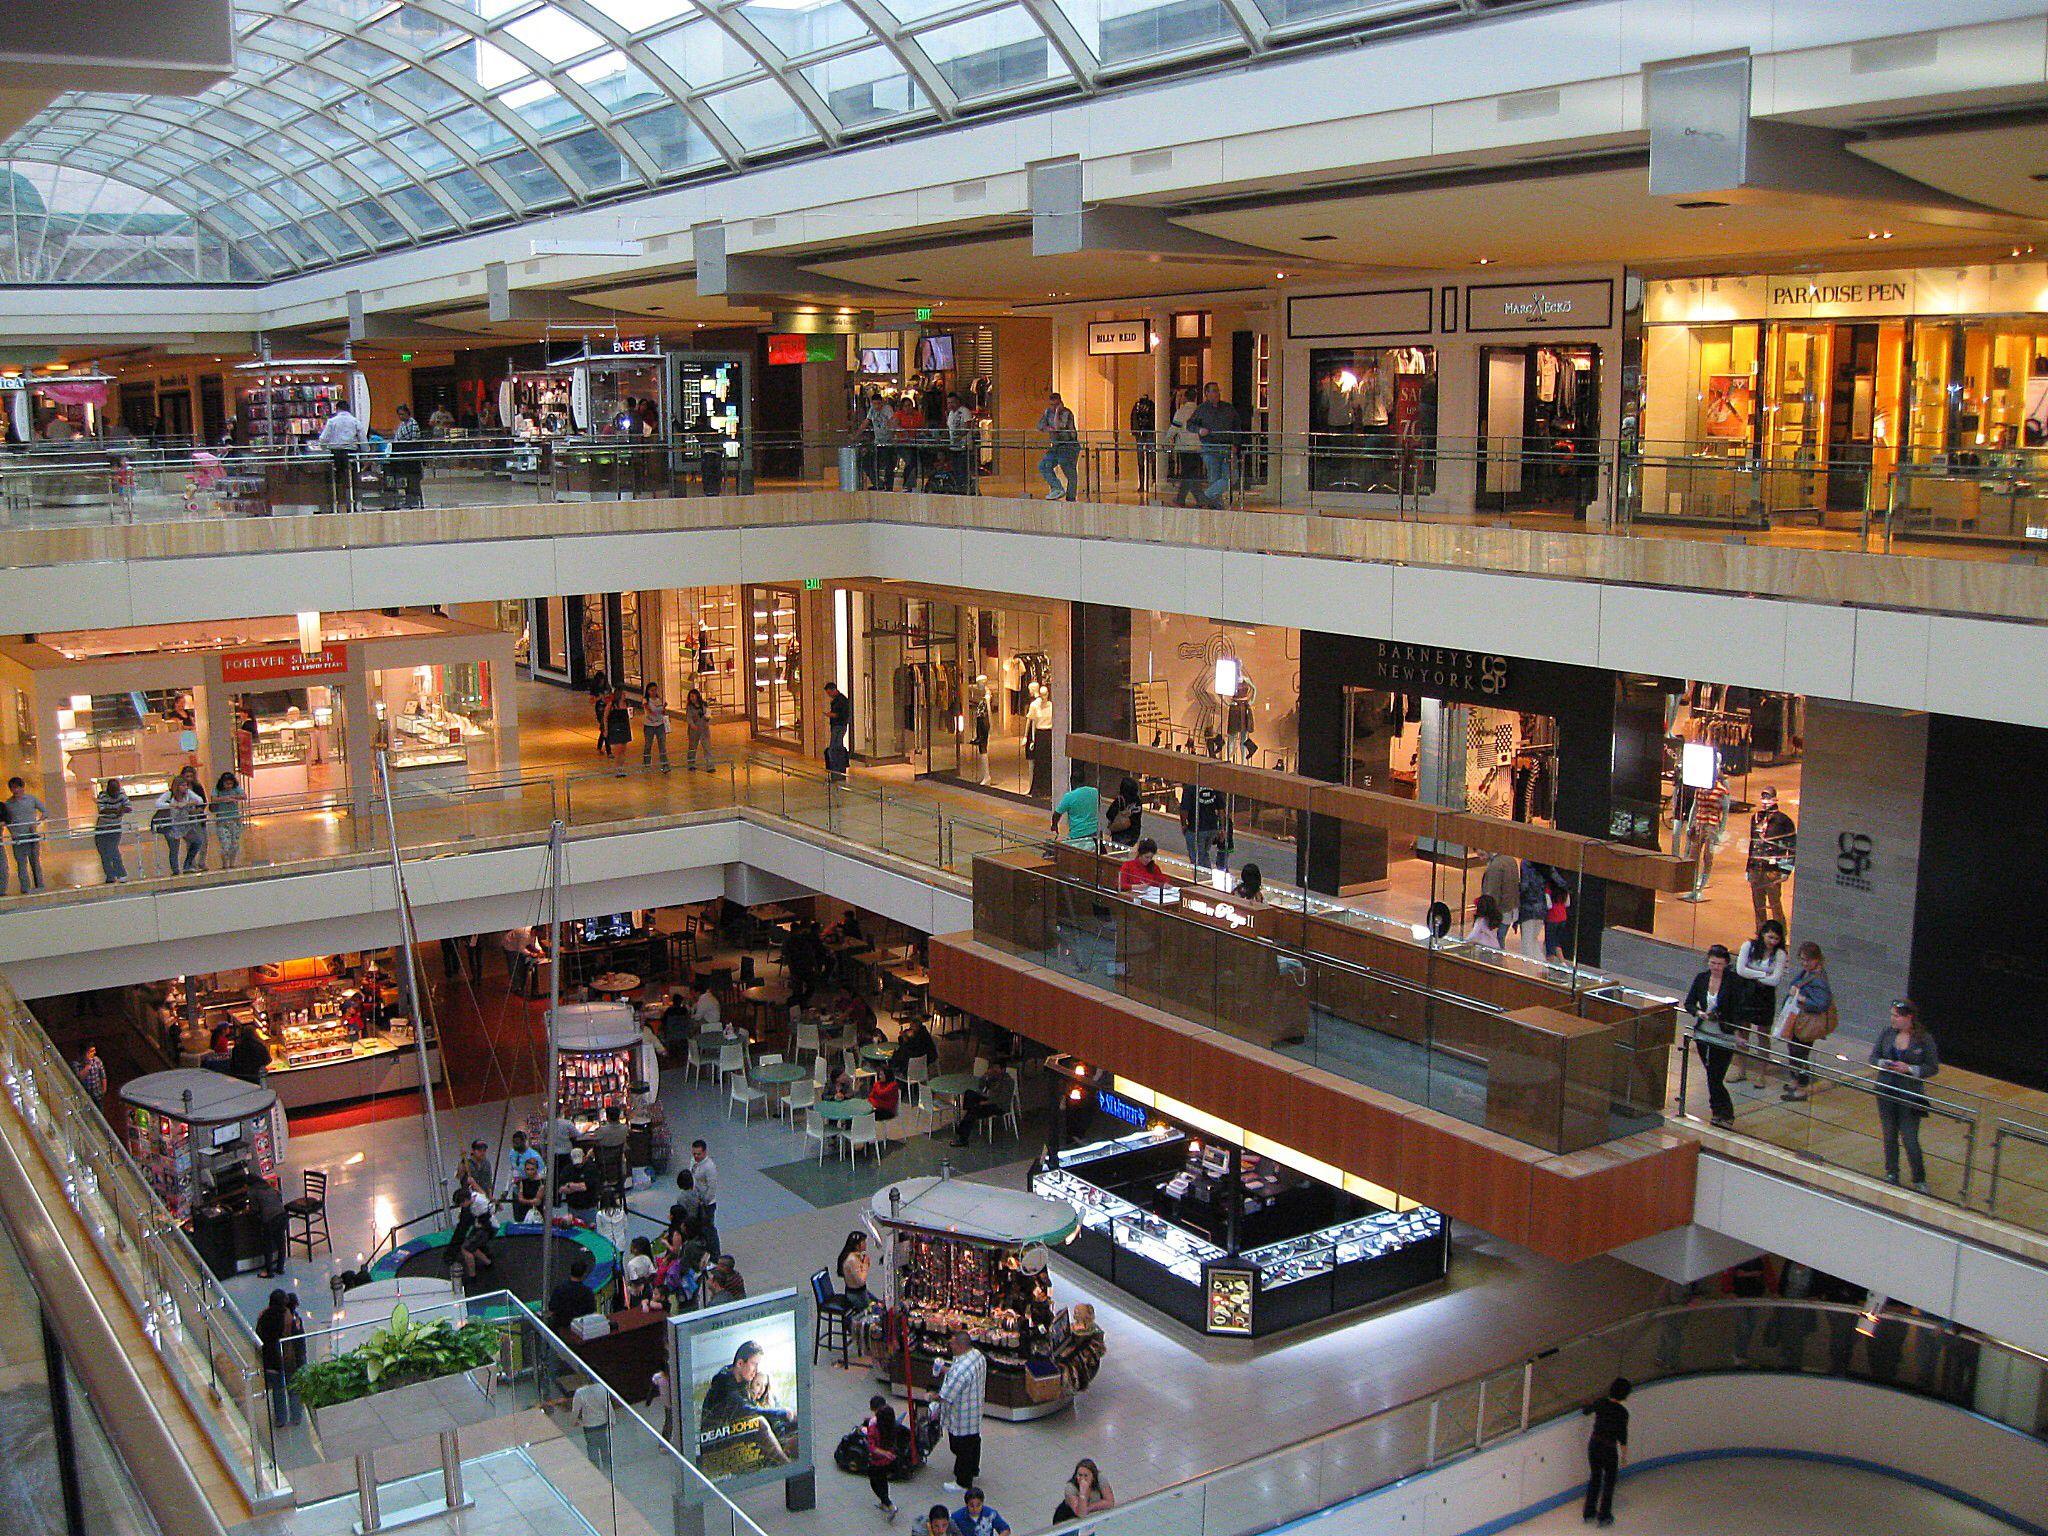 Houston galleria mall | Houston Texas | Pinterest | Galleria mall ...